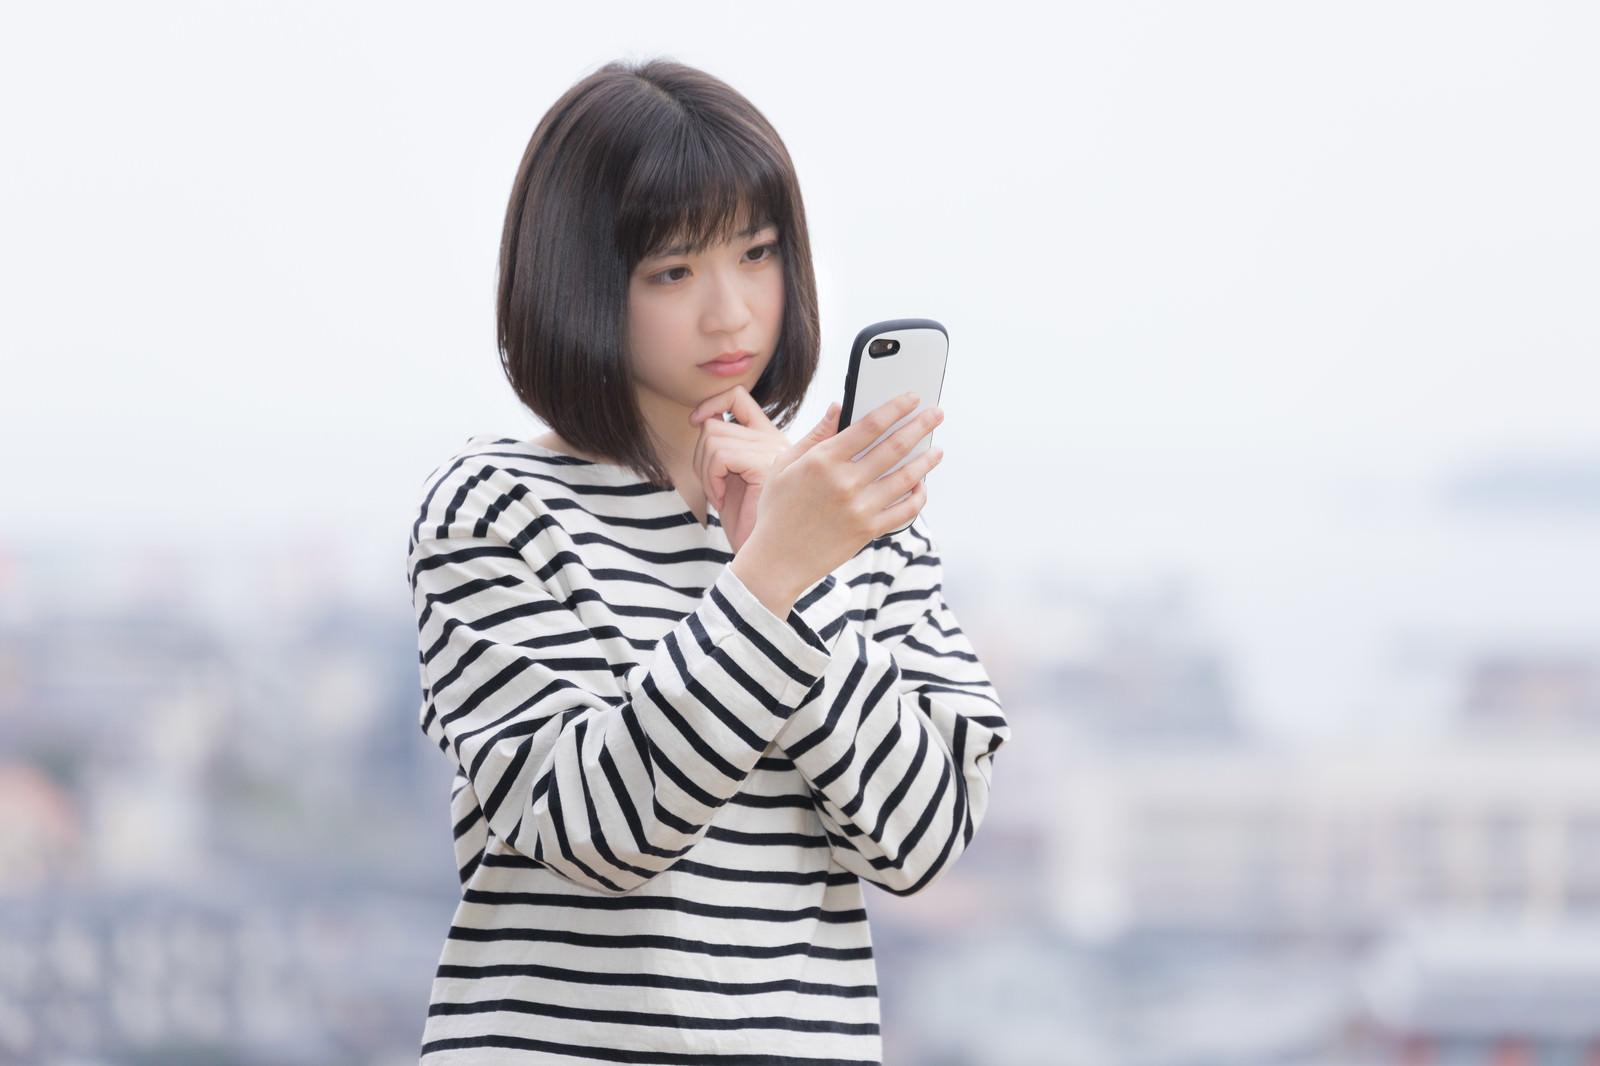 「電波がなくてネットに繋がらない女性」の写真[モデル:塩田みう]